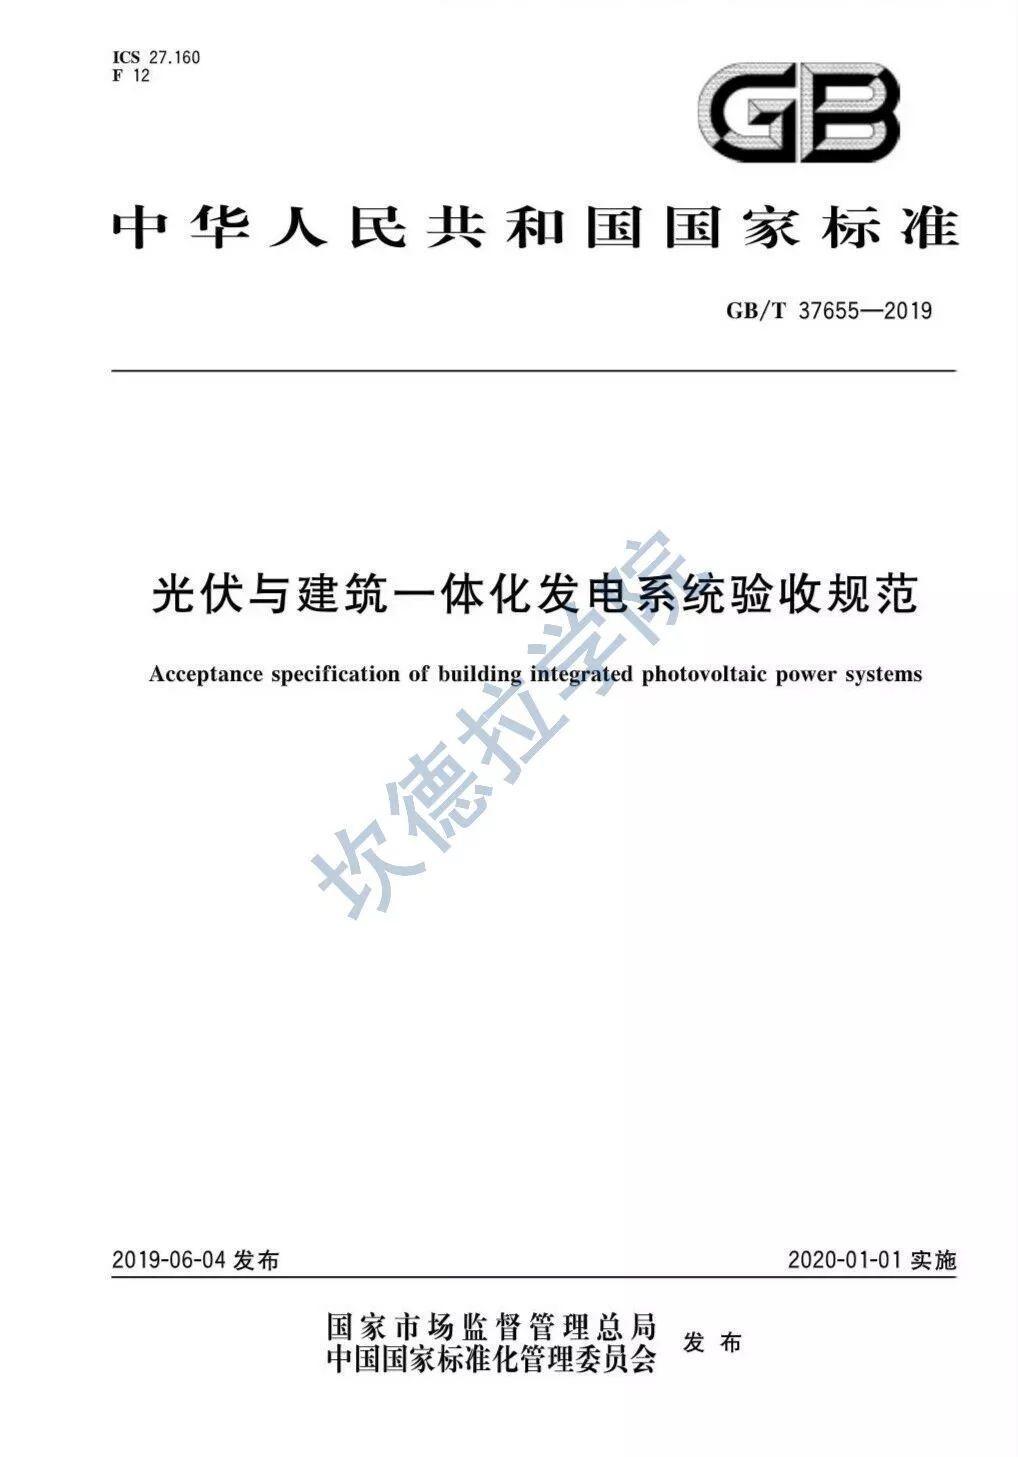 【规范图书馆】光伏与建筑一体化发电系统验收规范